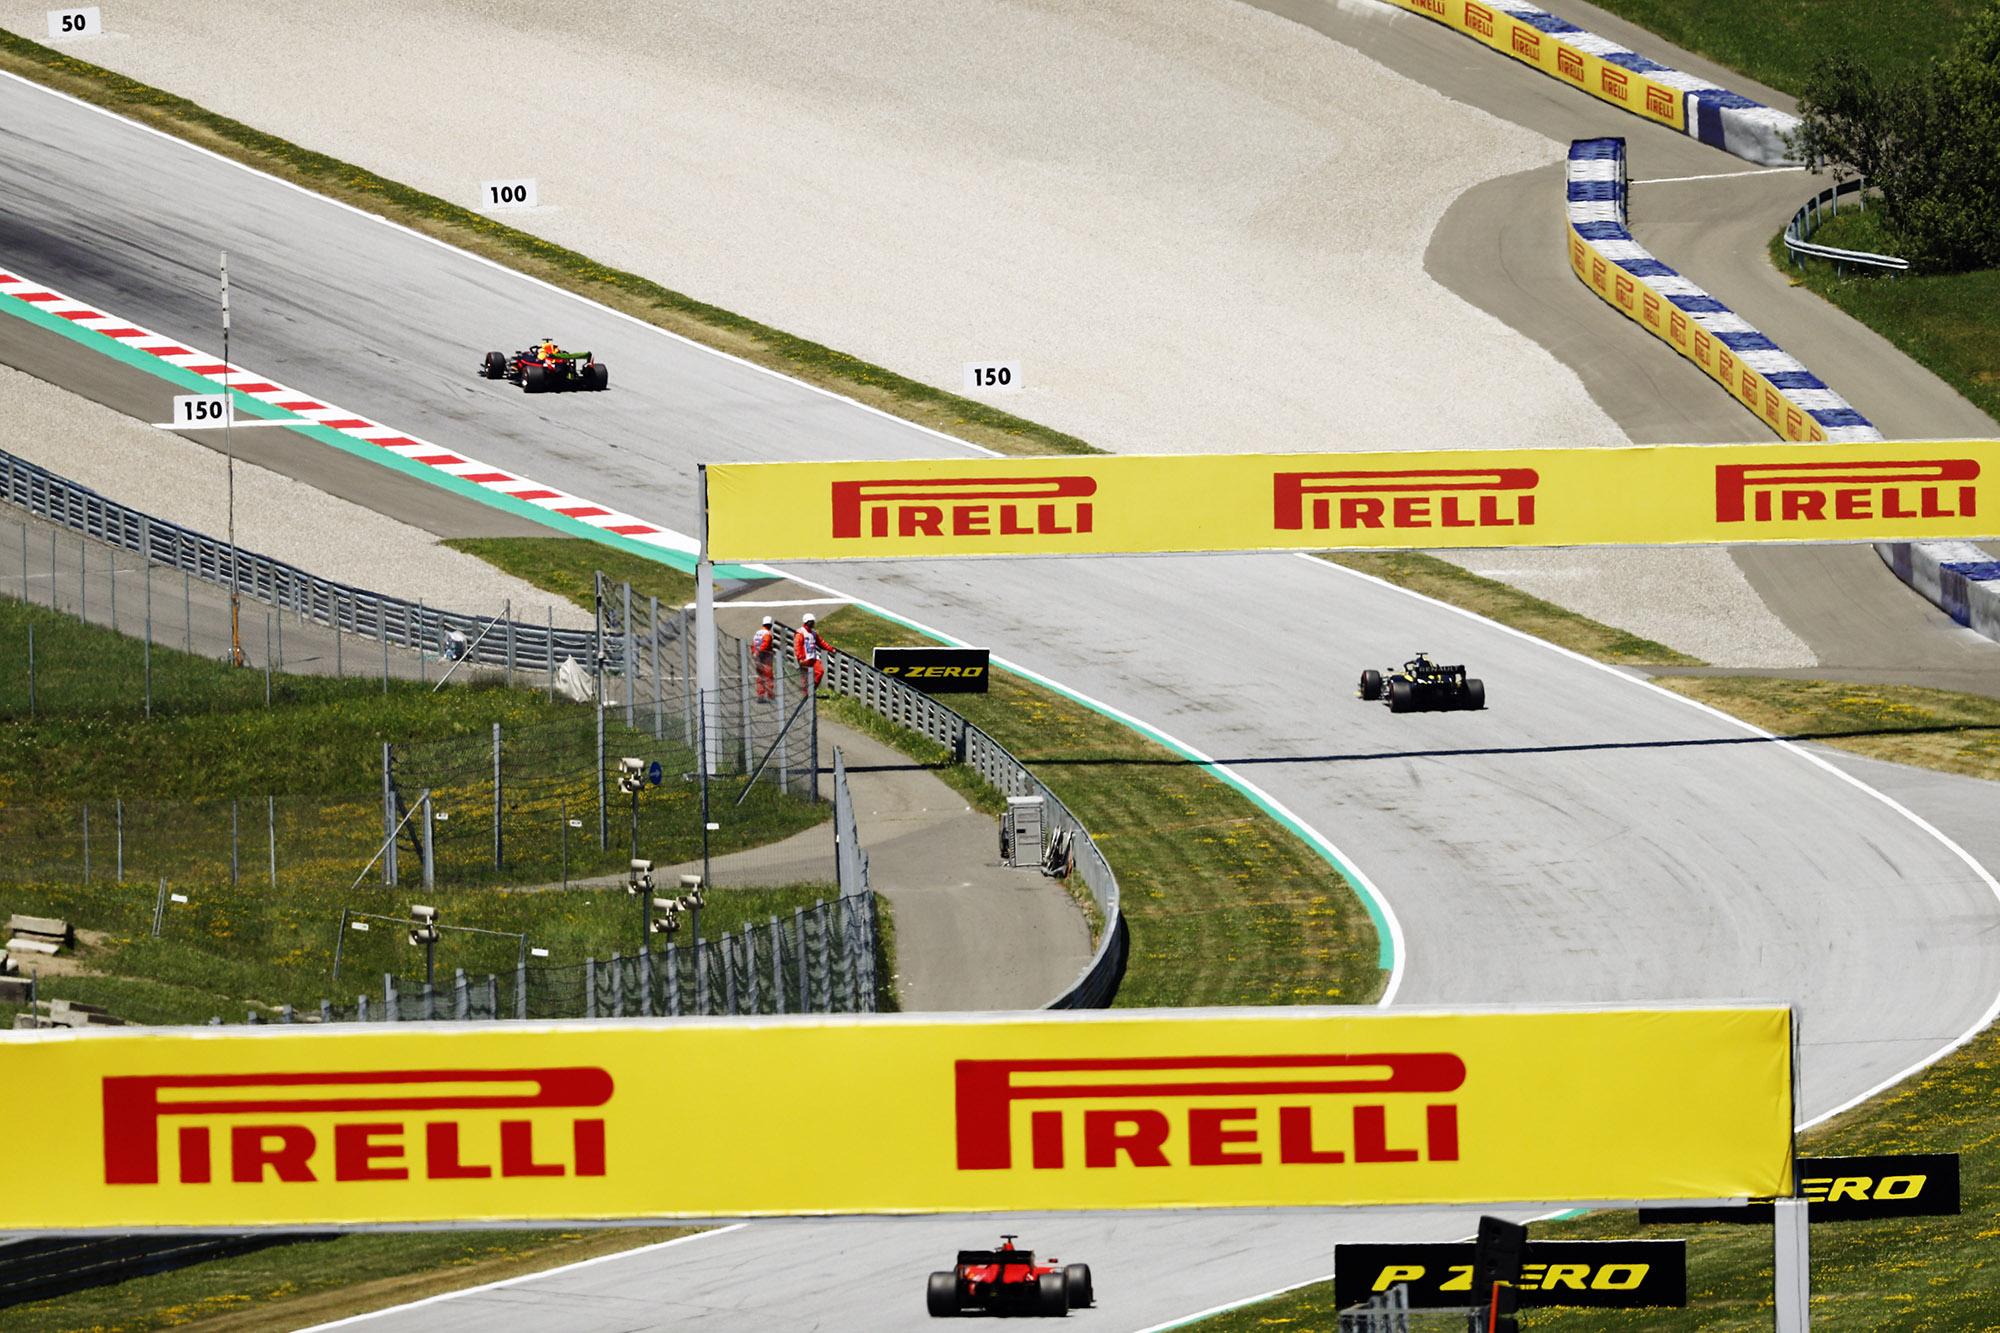 Στην πίστα της Αυστρίας ξεκινάει το Σαββατοκύριακο μετά από τρείς μήνες διακοπής ο πρώτος αγώνας της F1